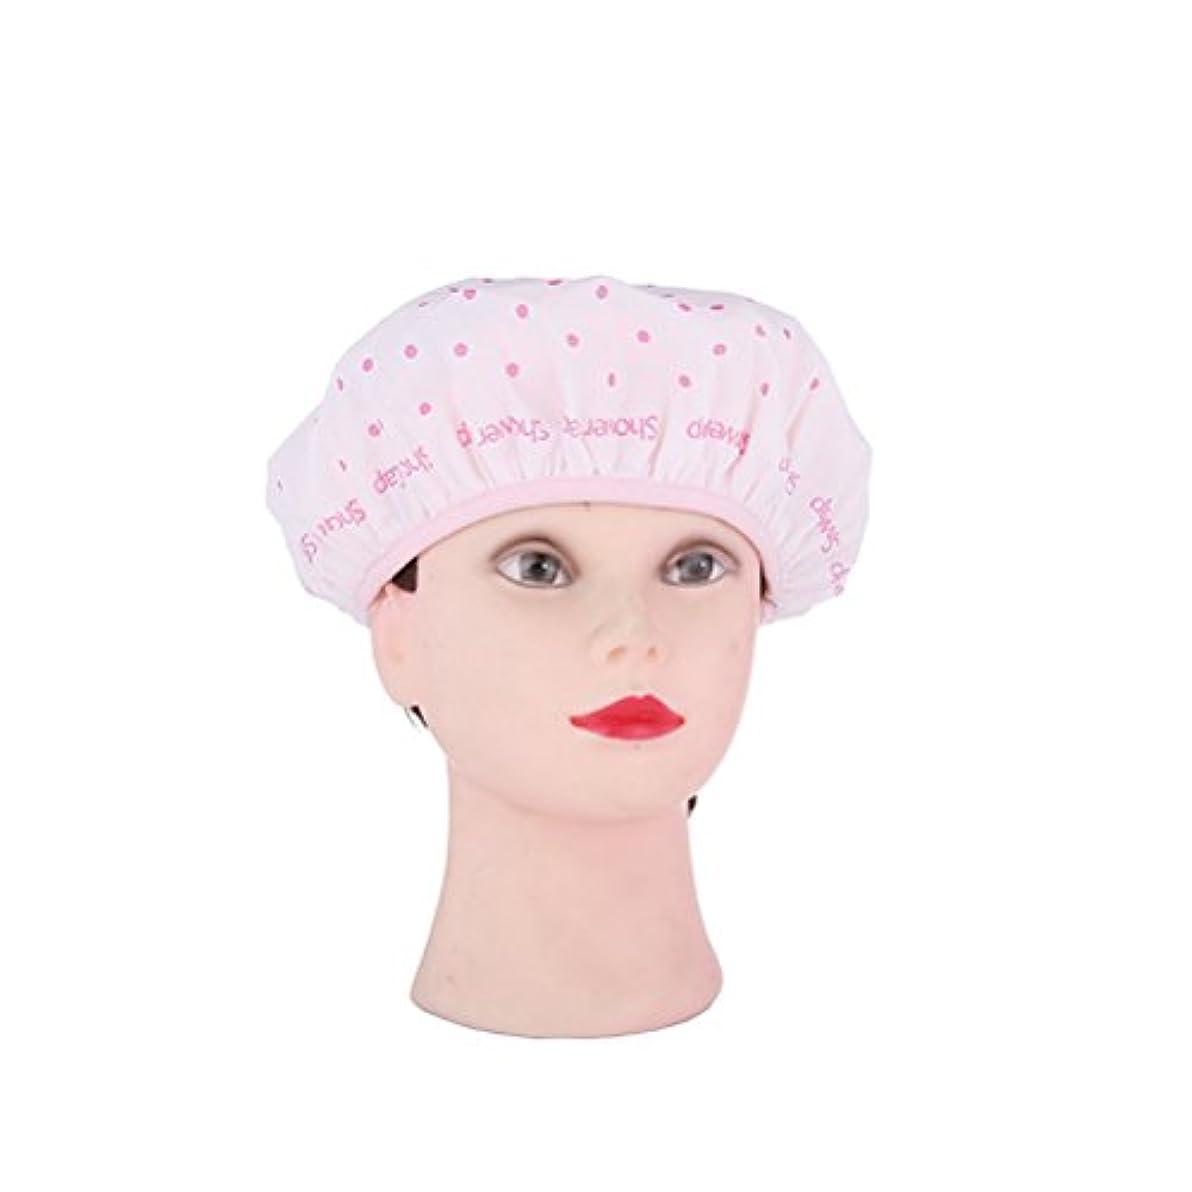 権限論争の的管理ROSENICE シャワーキャップ防水性モールド抵抗性の洗えるシャワーキャップかわいいやわらかい髪の帽子(ピンク)